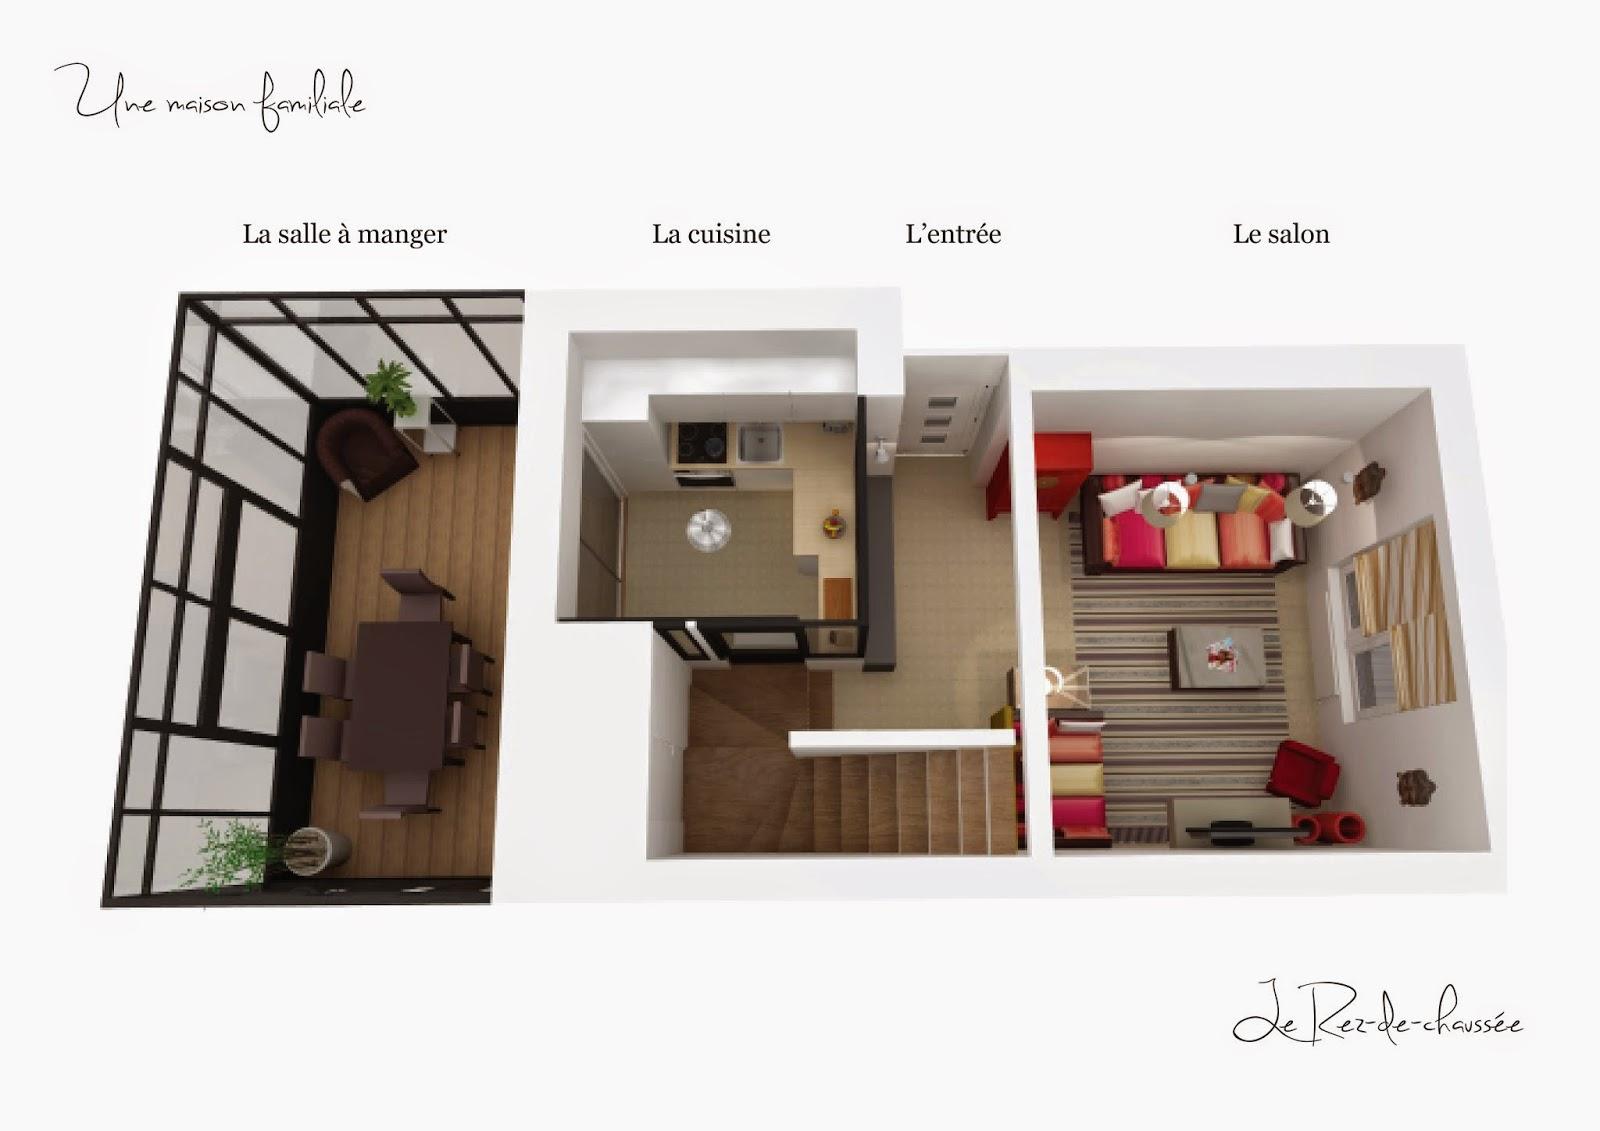 Adc l 39 atelier d 39 c t am nagement int rieur design d 39 espace et d coration 1 jour 1 projet - Decoration interieur dune cuisine ...